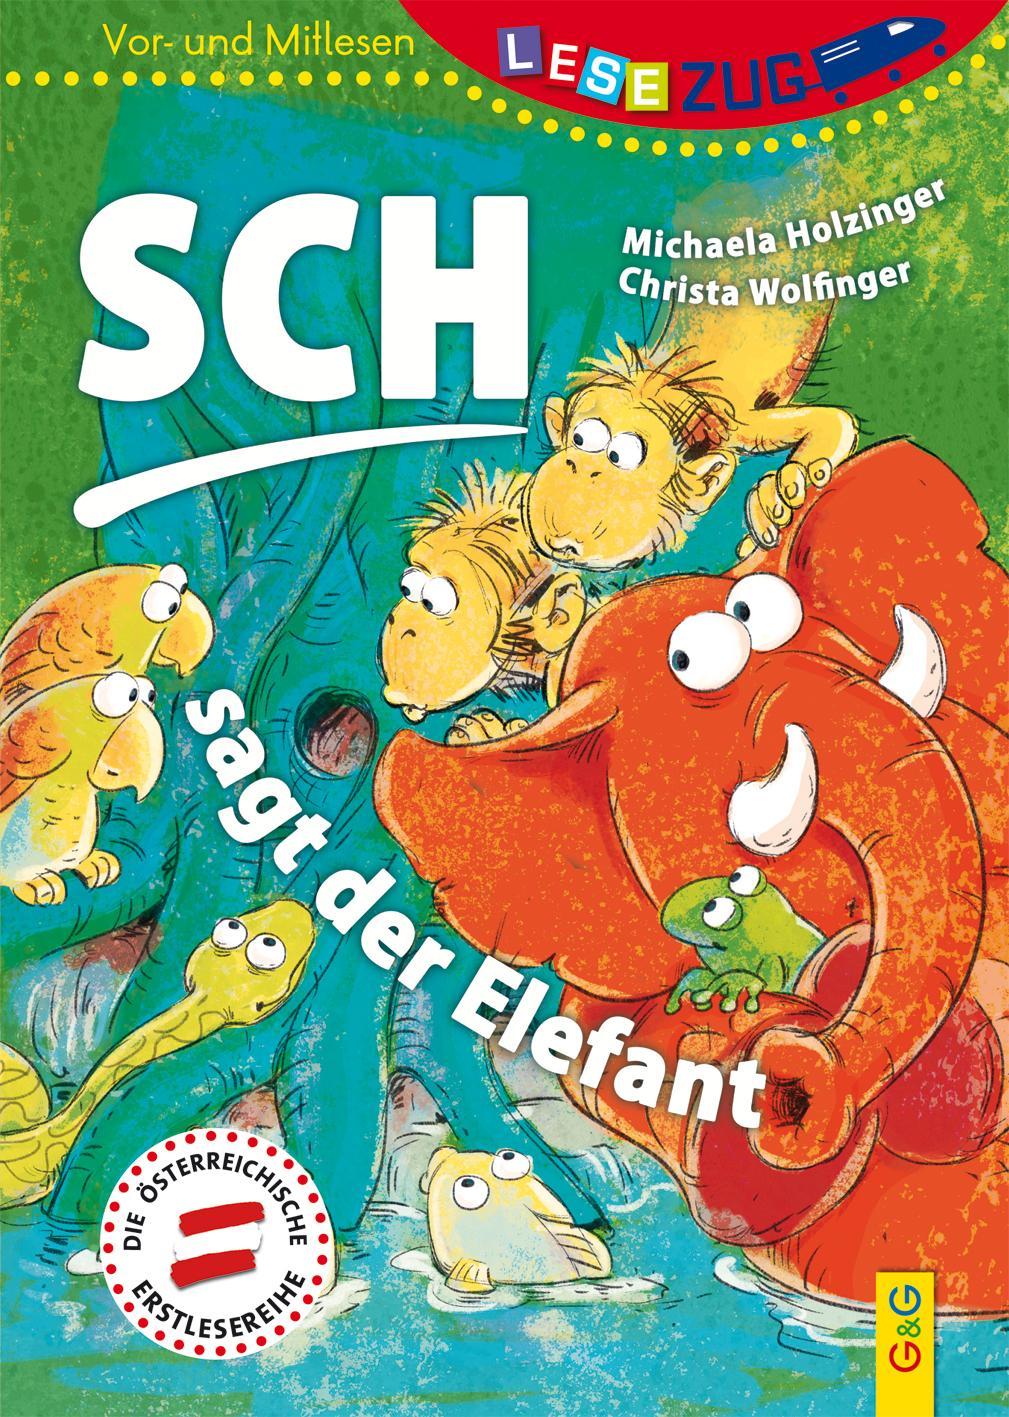 LESEZUG/Vor-und Mitlesen: Sch, sagt der Elefant, Michaela Holzinger